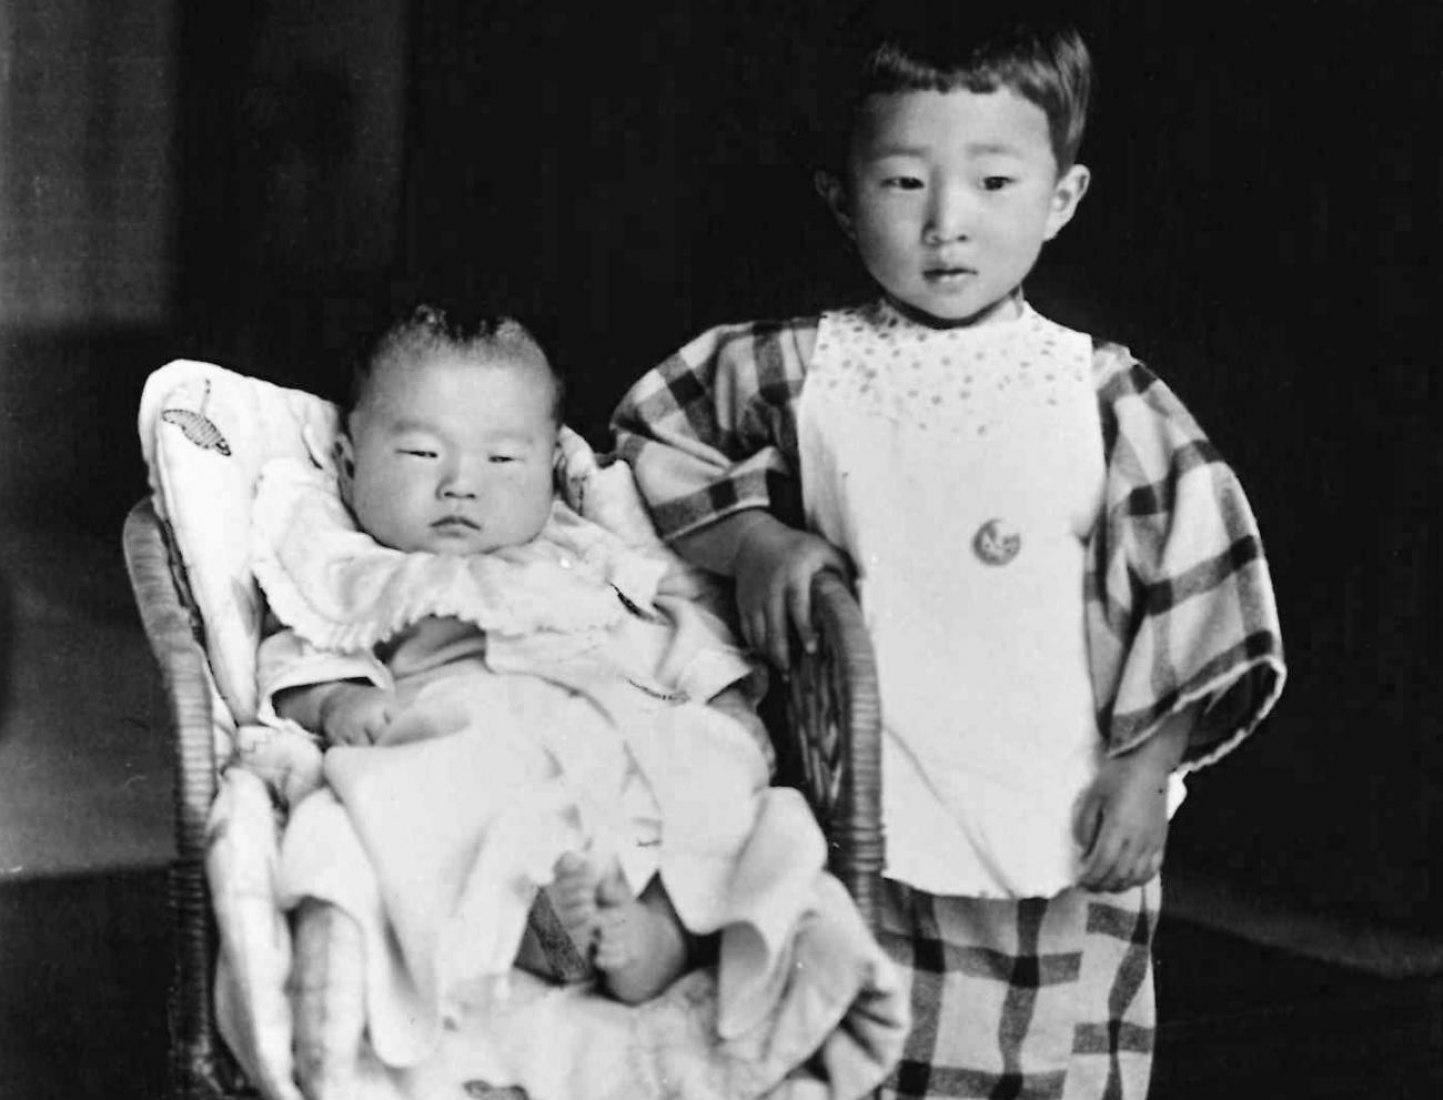 Isozaki (right) 4 years. Photograph courtesy of Pritzker